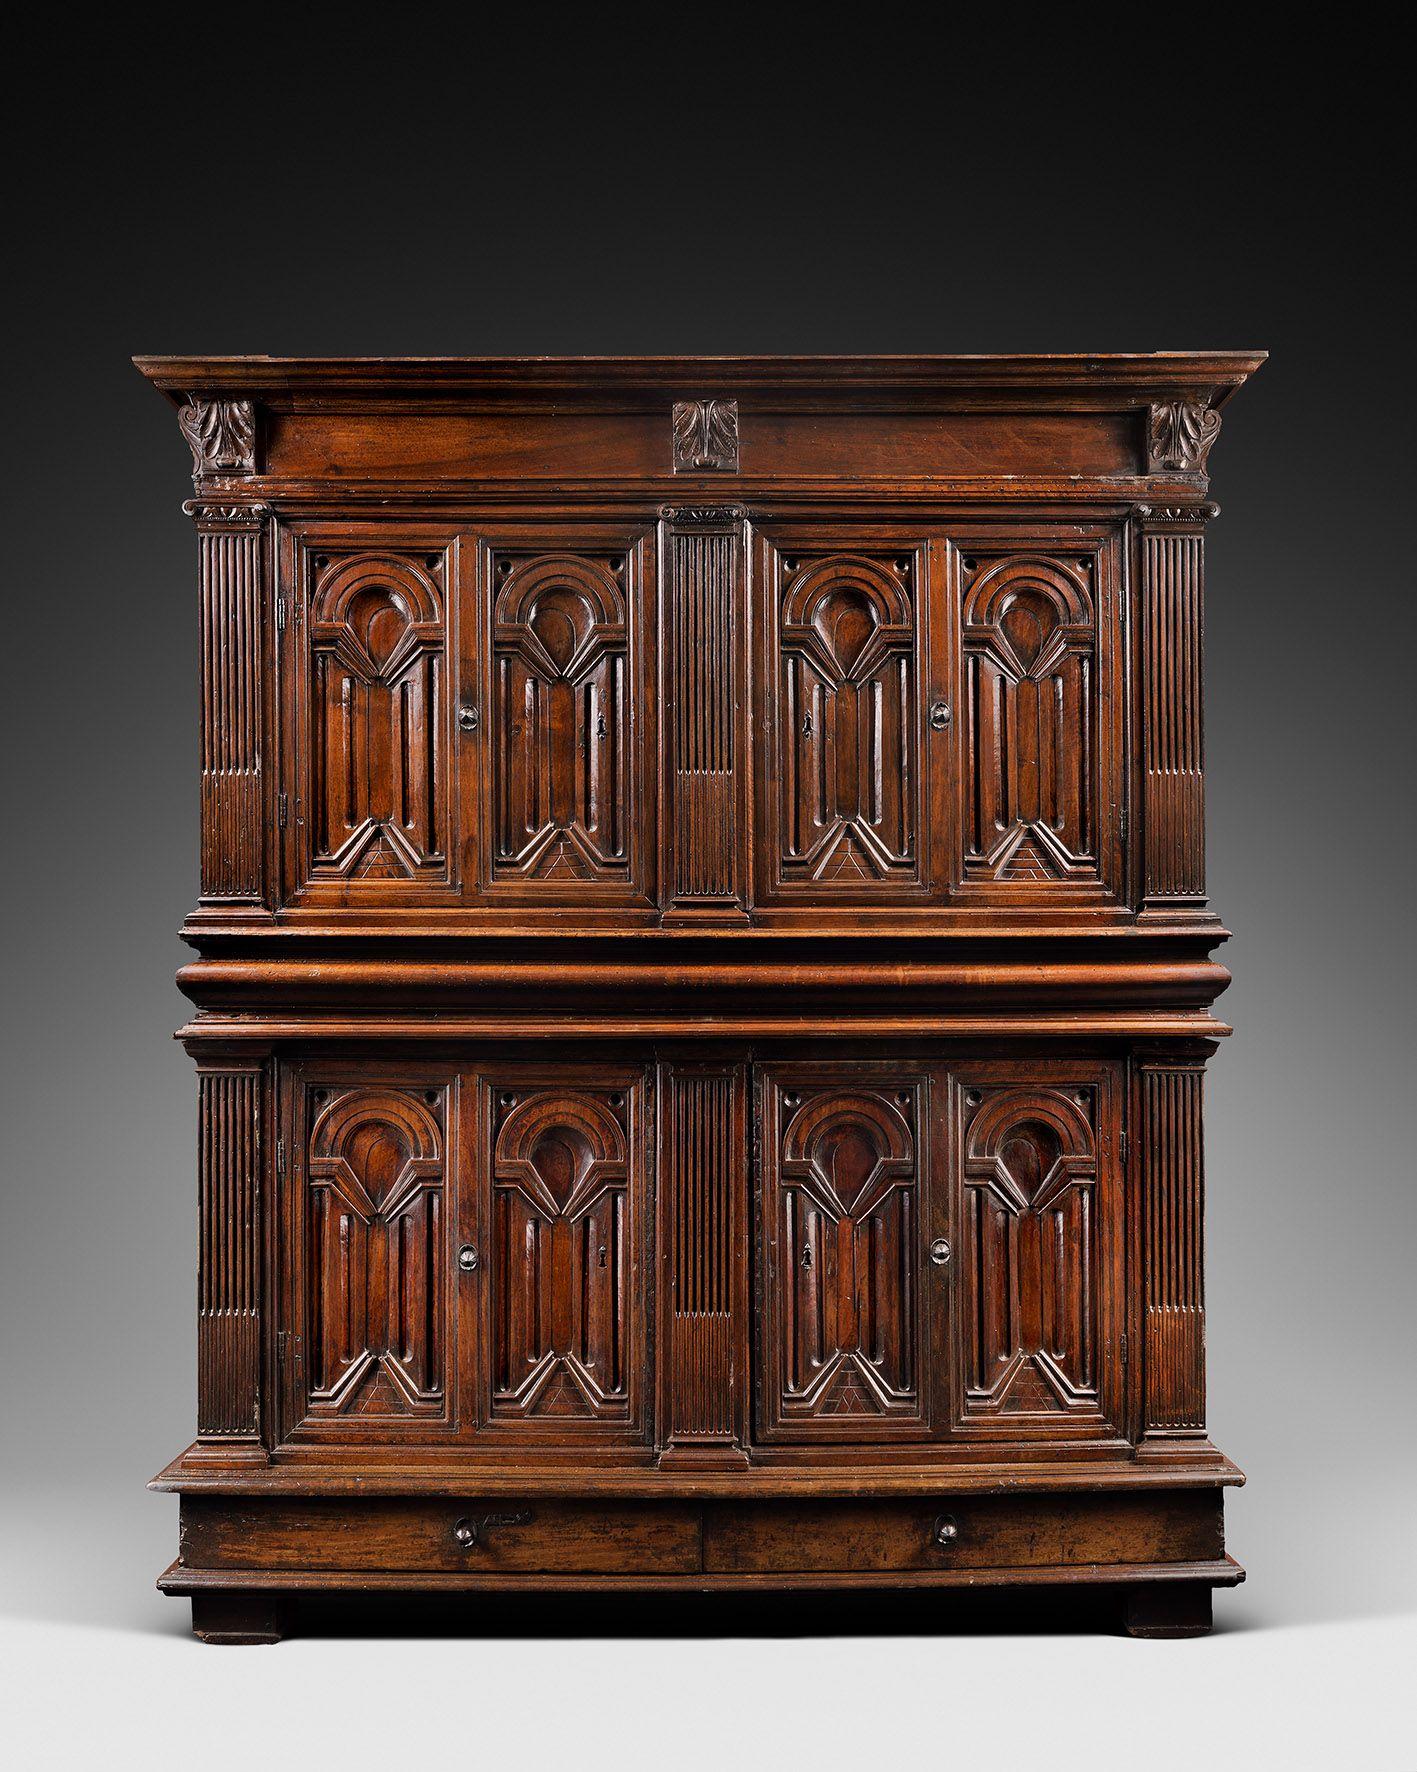 armoire de palais d 39 poque renaissance motifs de perspectives italie florence 16e si cle. Black Bedroom Furniture Sets. Home Design Ideas